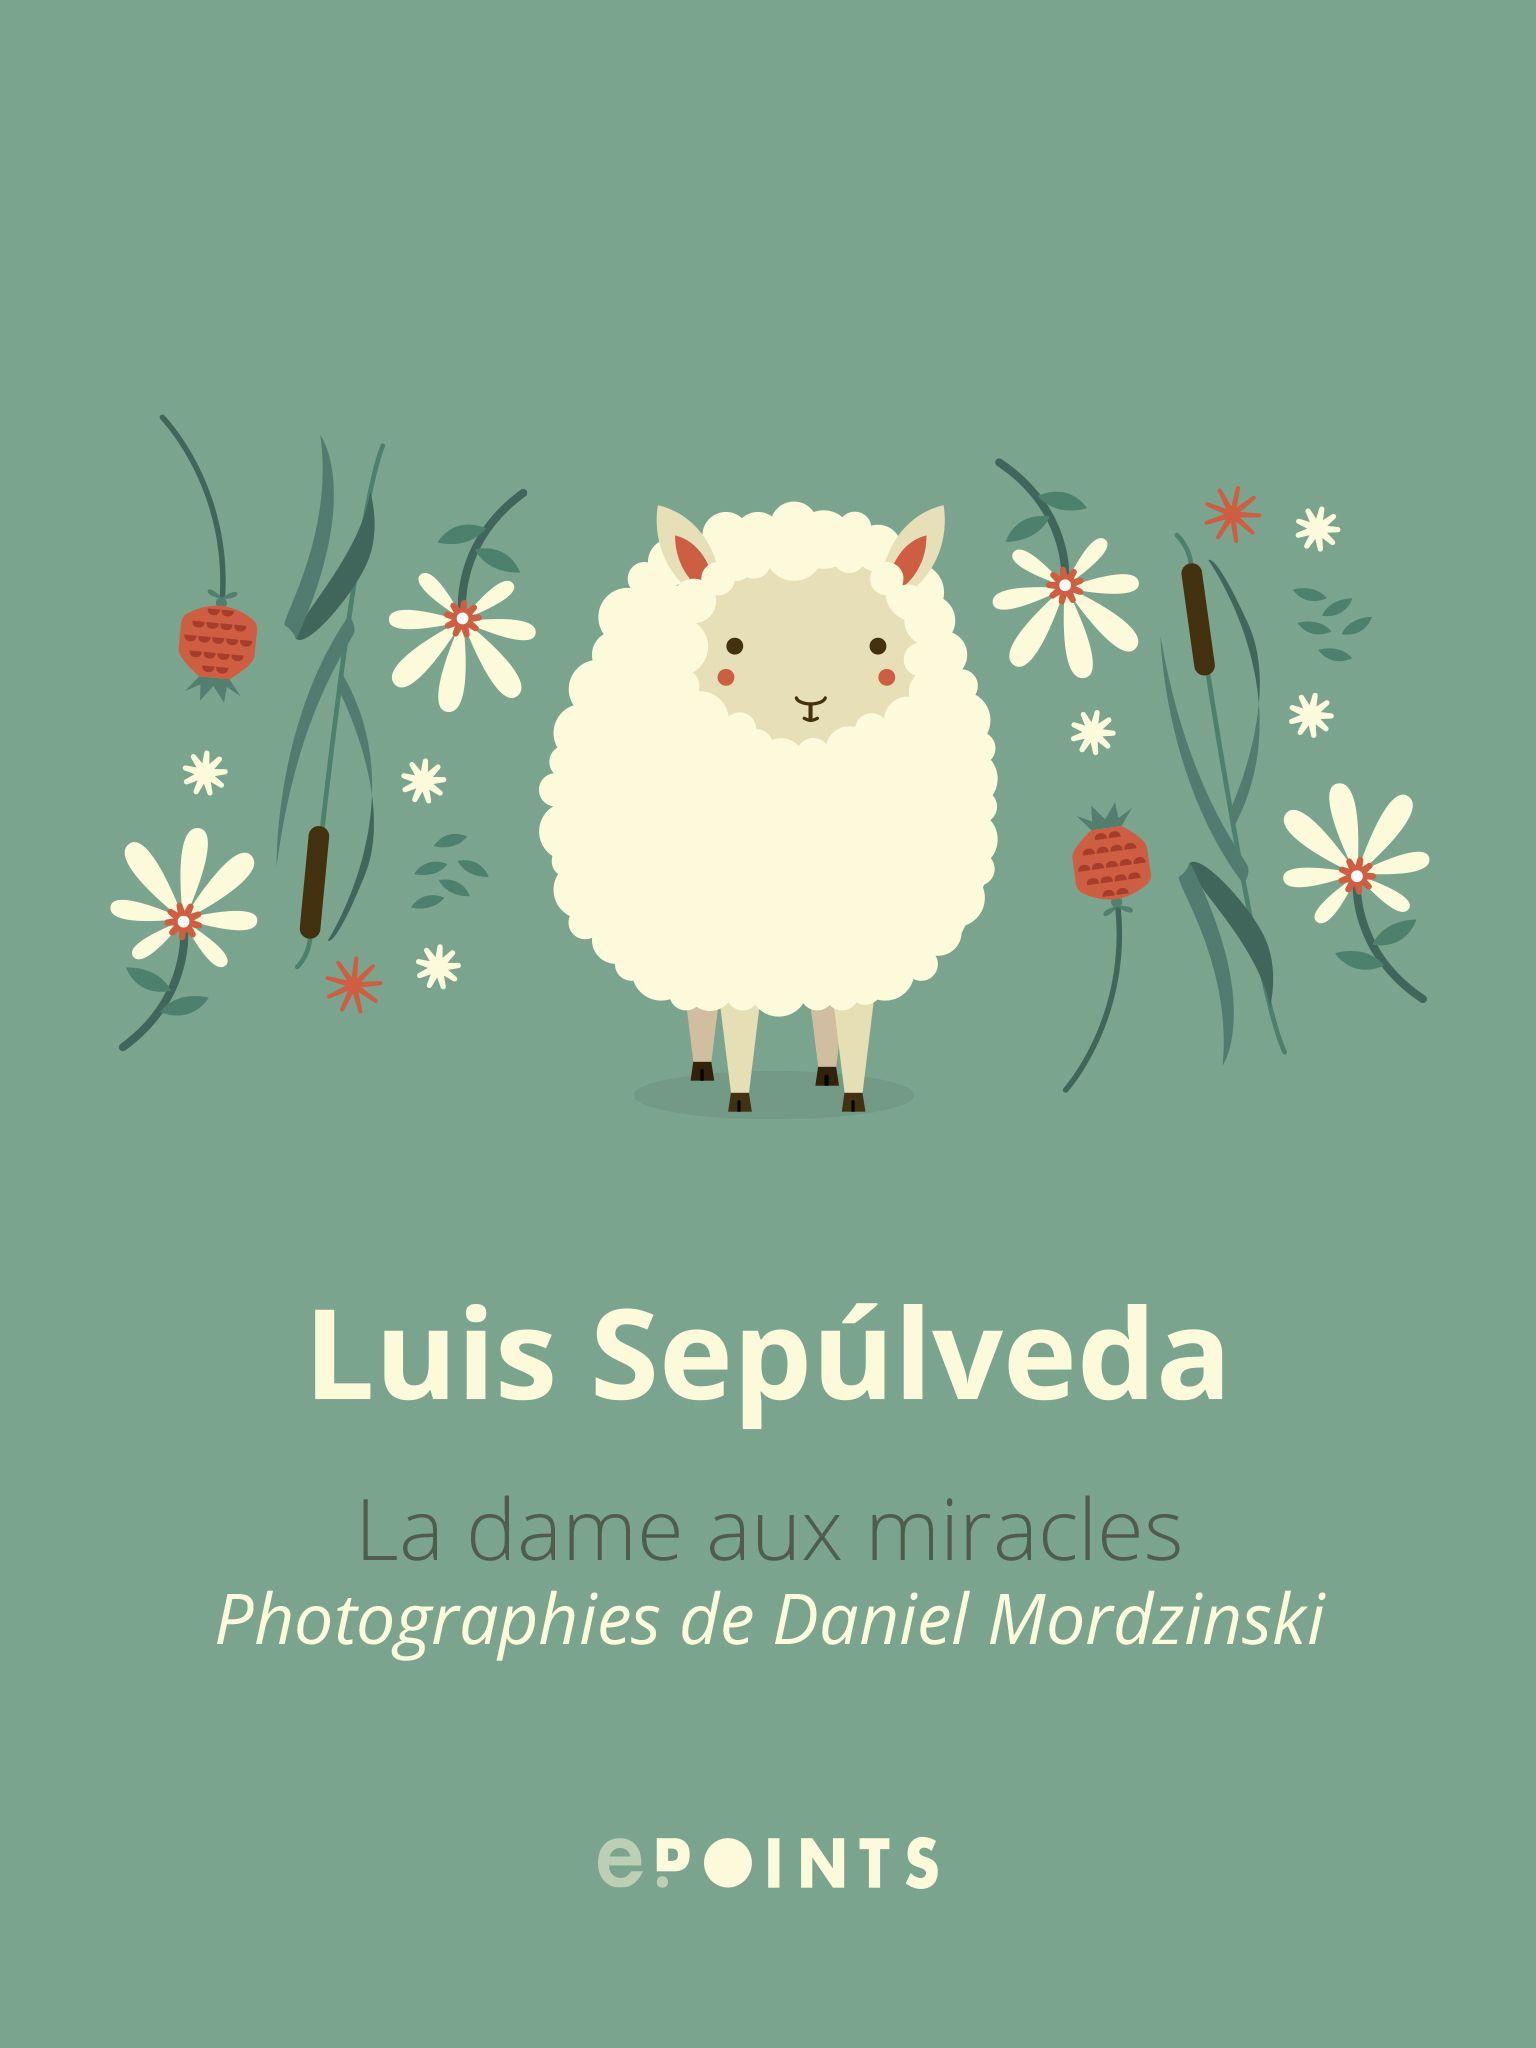 La dame aux miracles - Luis Sepùlveda